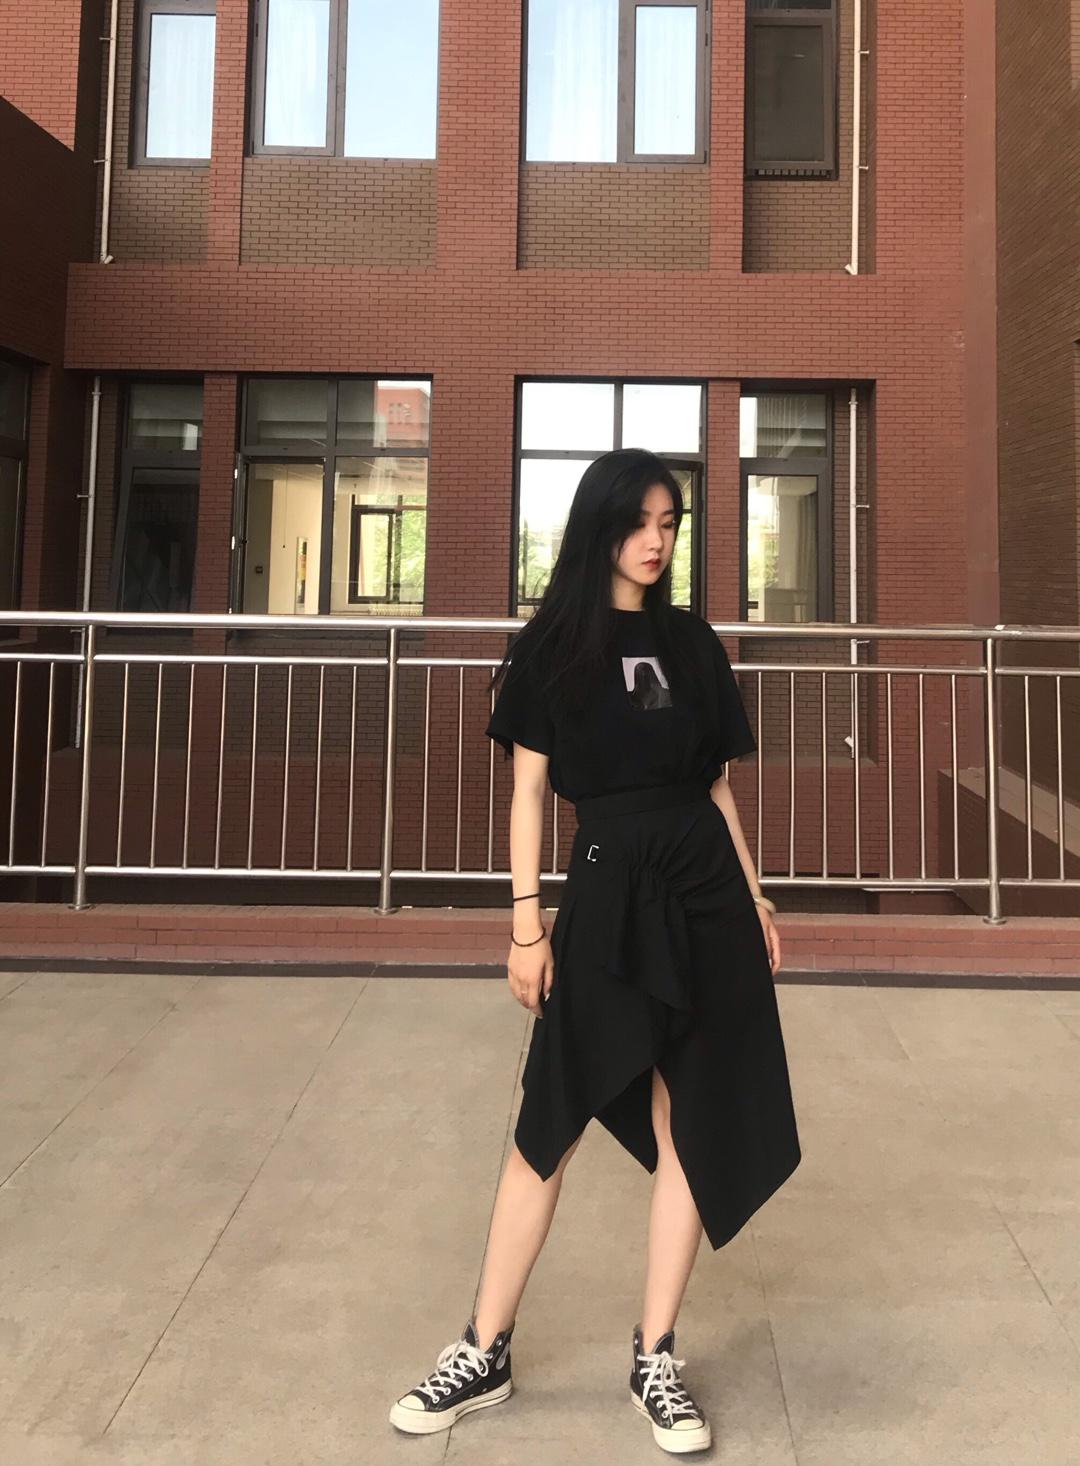 #夏日显白穿搭,完胜美白针!#  黑色真的是最显白的颜色了👍 着一身搭配很酷很有腔调。 整体风格是比较暗黑的酷女孩儿 上衣的印花很独特,很有风格。比较简约。搭配不规则设计感超强的半身裙!超🆒 完爆路人穿搭~ 这条半裙真的超显瘦了!安利